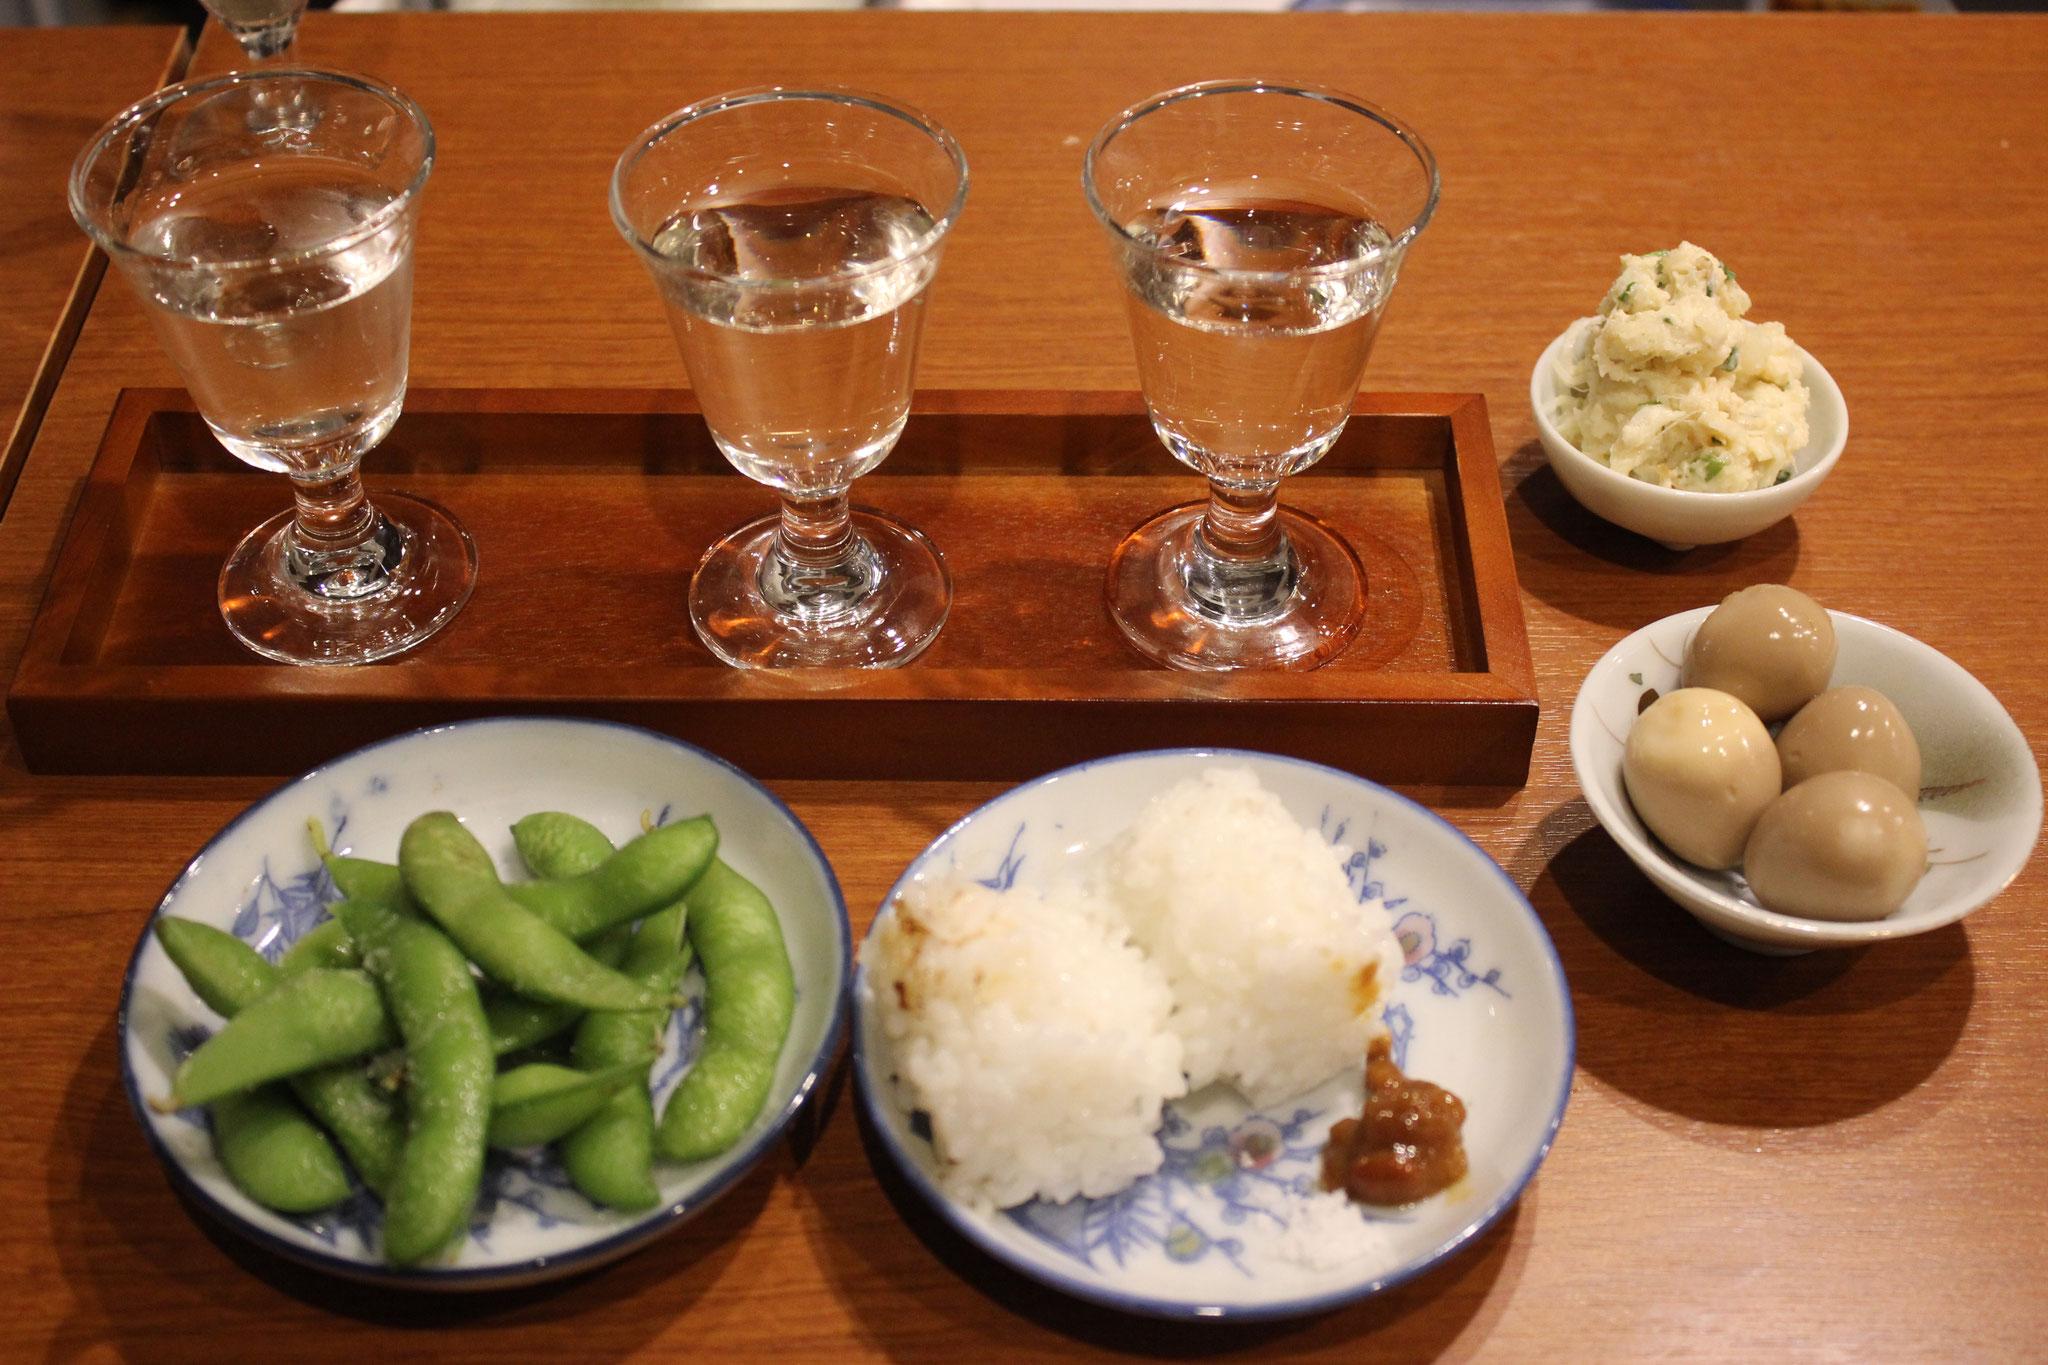 おすすめの「のみくらべおちょこセット」+枝豆です。おにぎりの1つは酒米です。